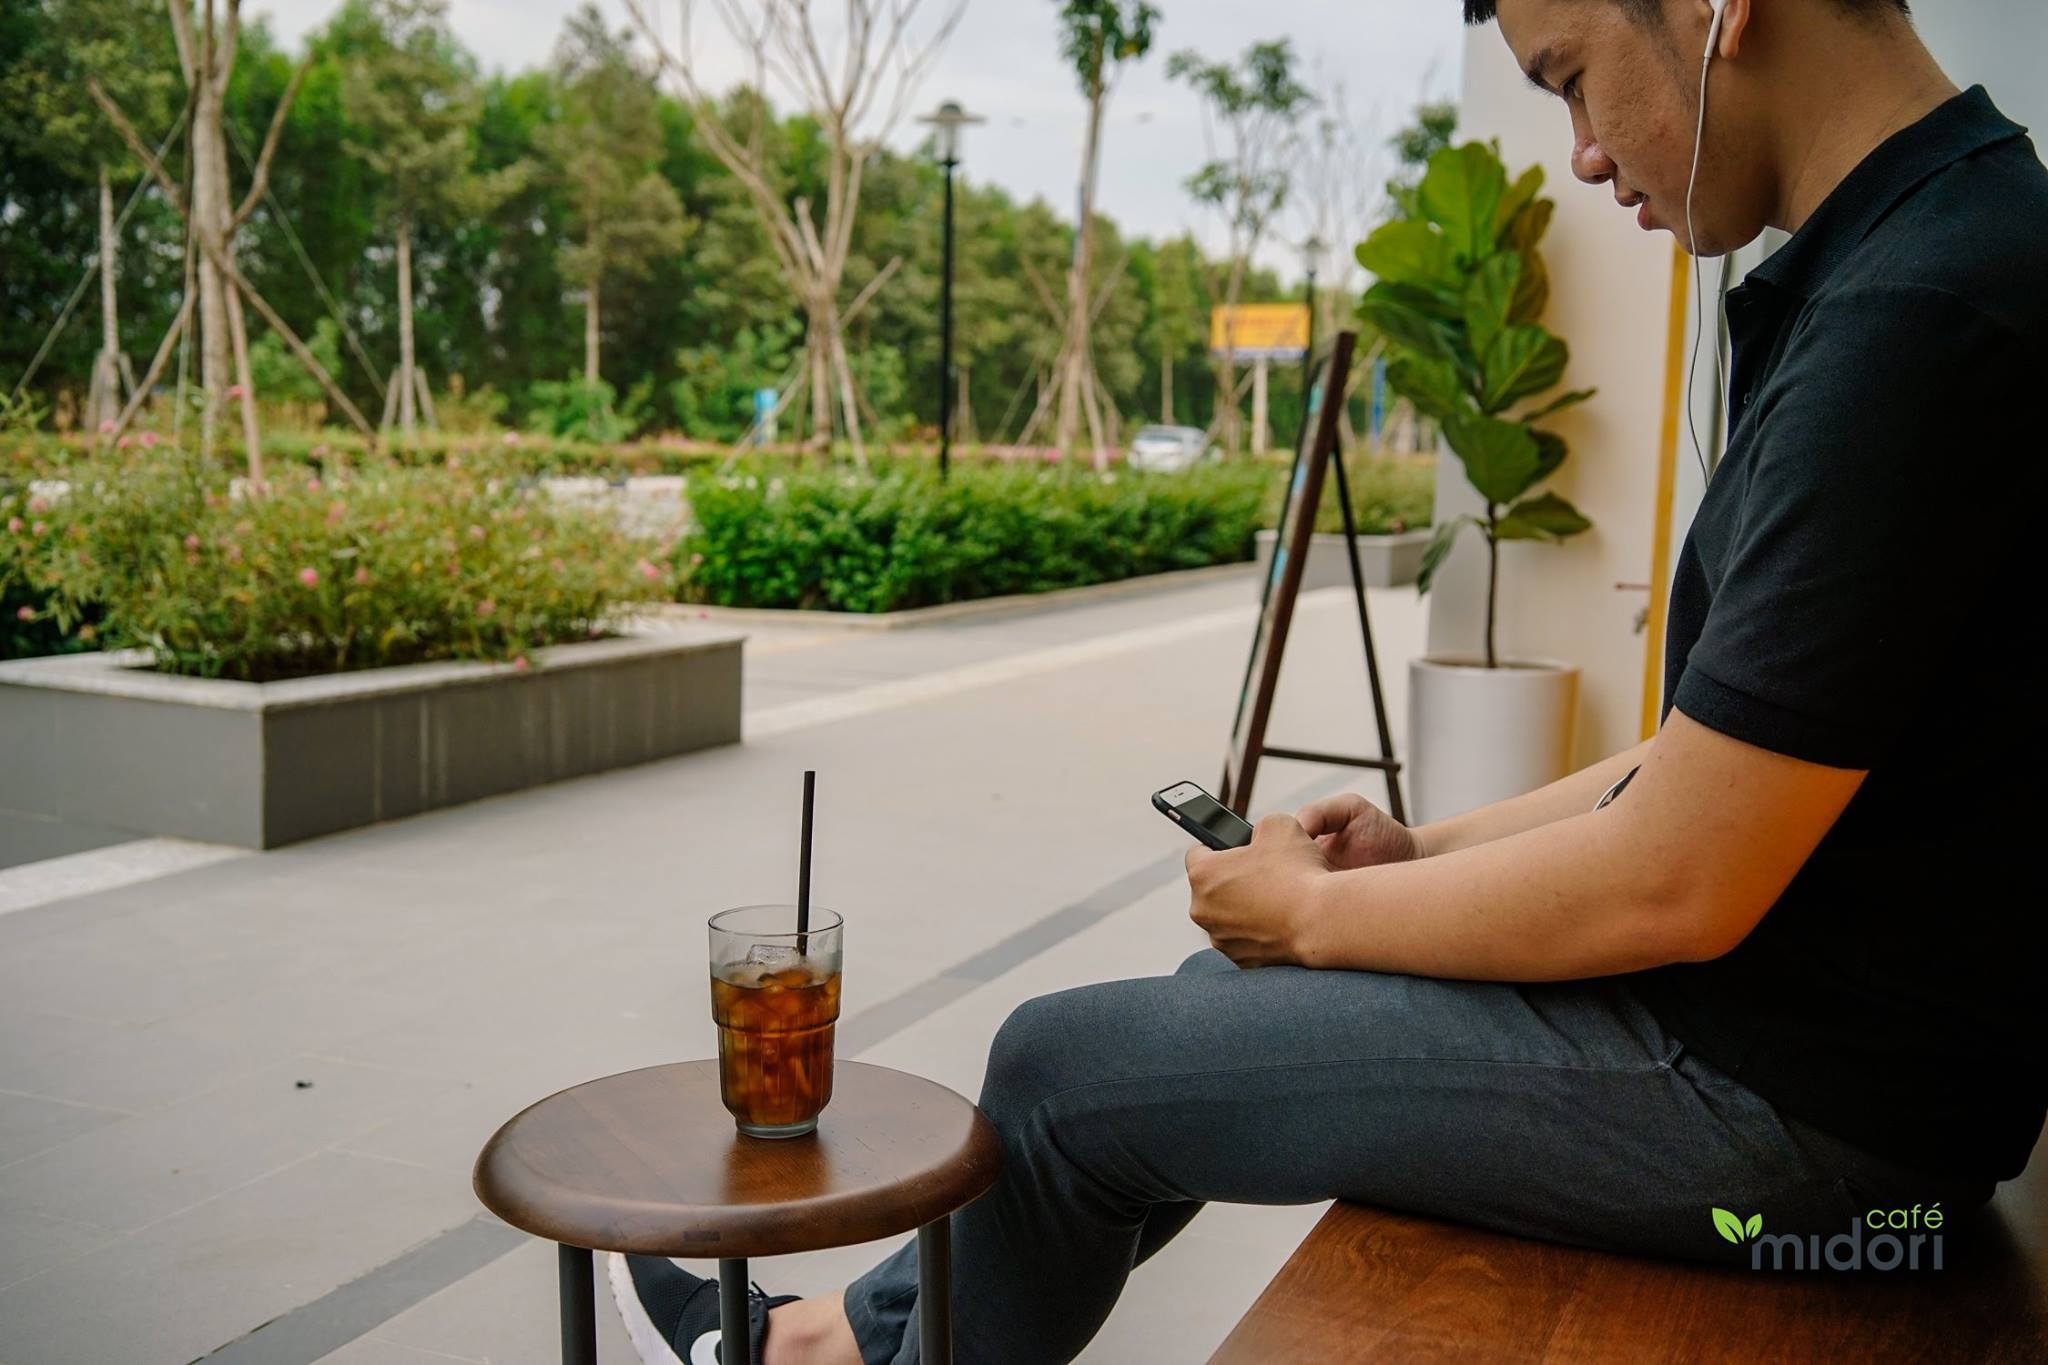 Nếu muốn không gian rộng rãi, thoáng đãng, bạn có thể chọn ngồi ở ngoài nhé. Hình: Midori Cafe